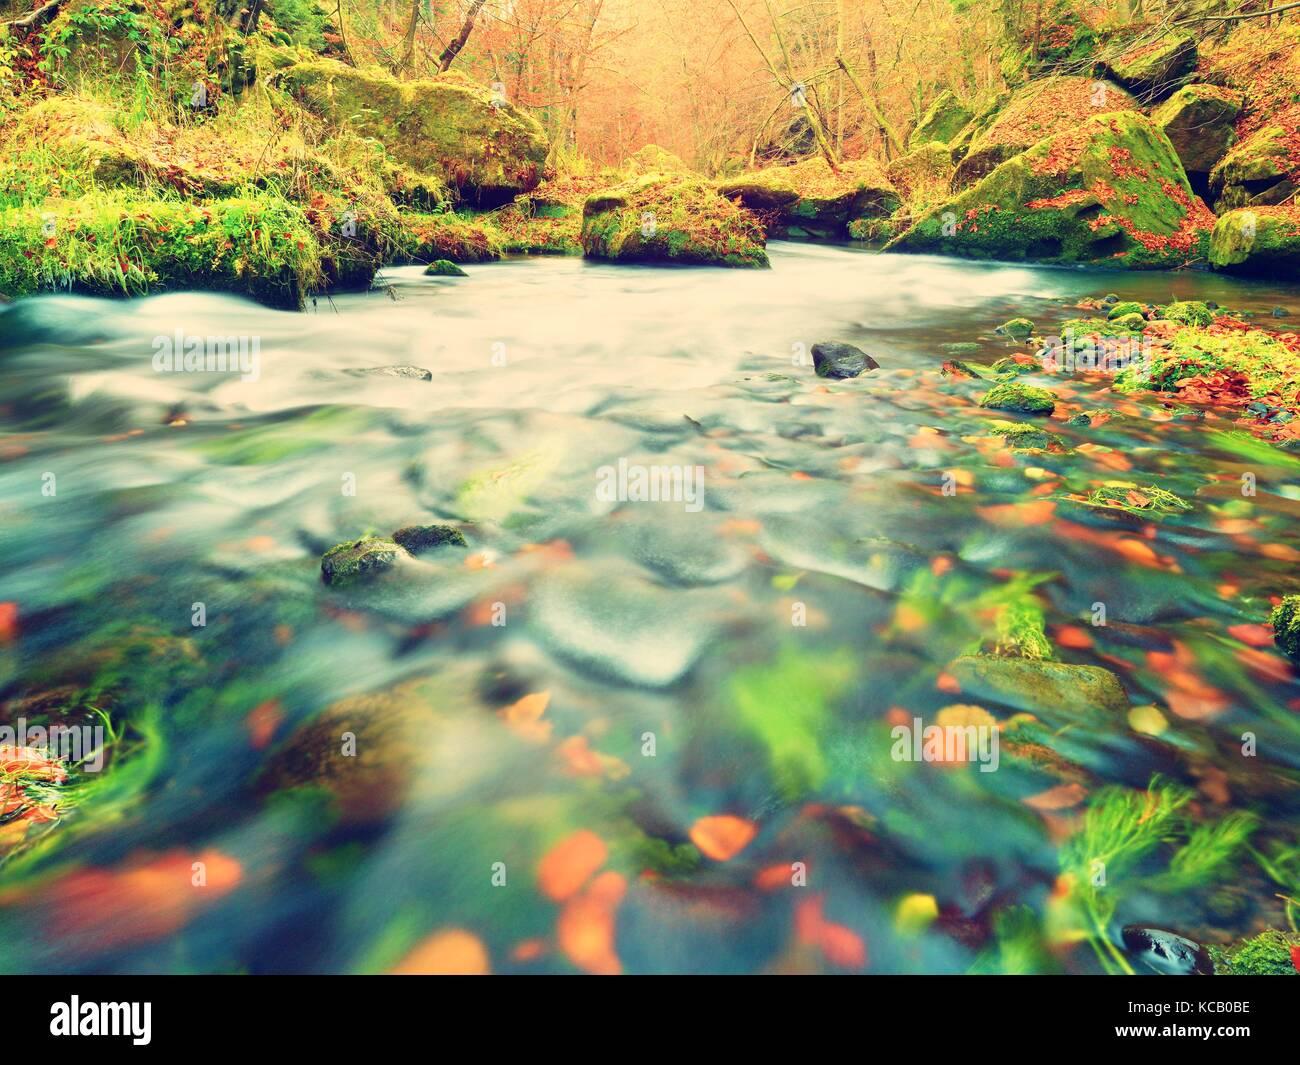 Steinerne Bank von Herbst mountain river von orange Buche Blätter abgedeckt. Frische bunte Blätter auf Stockbild